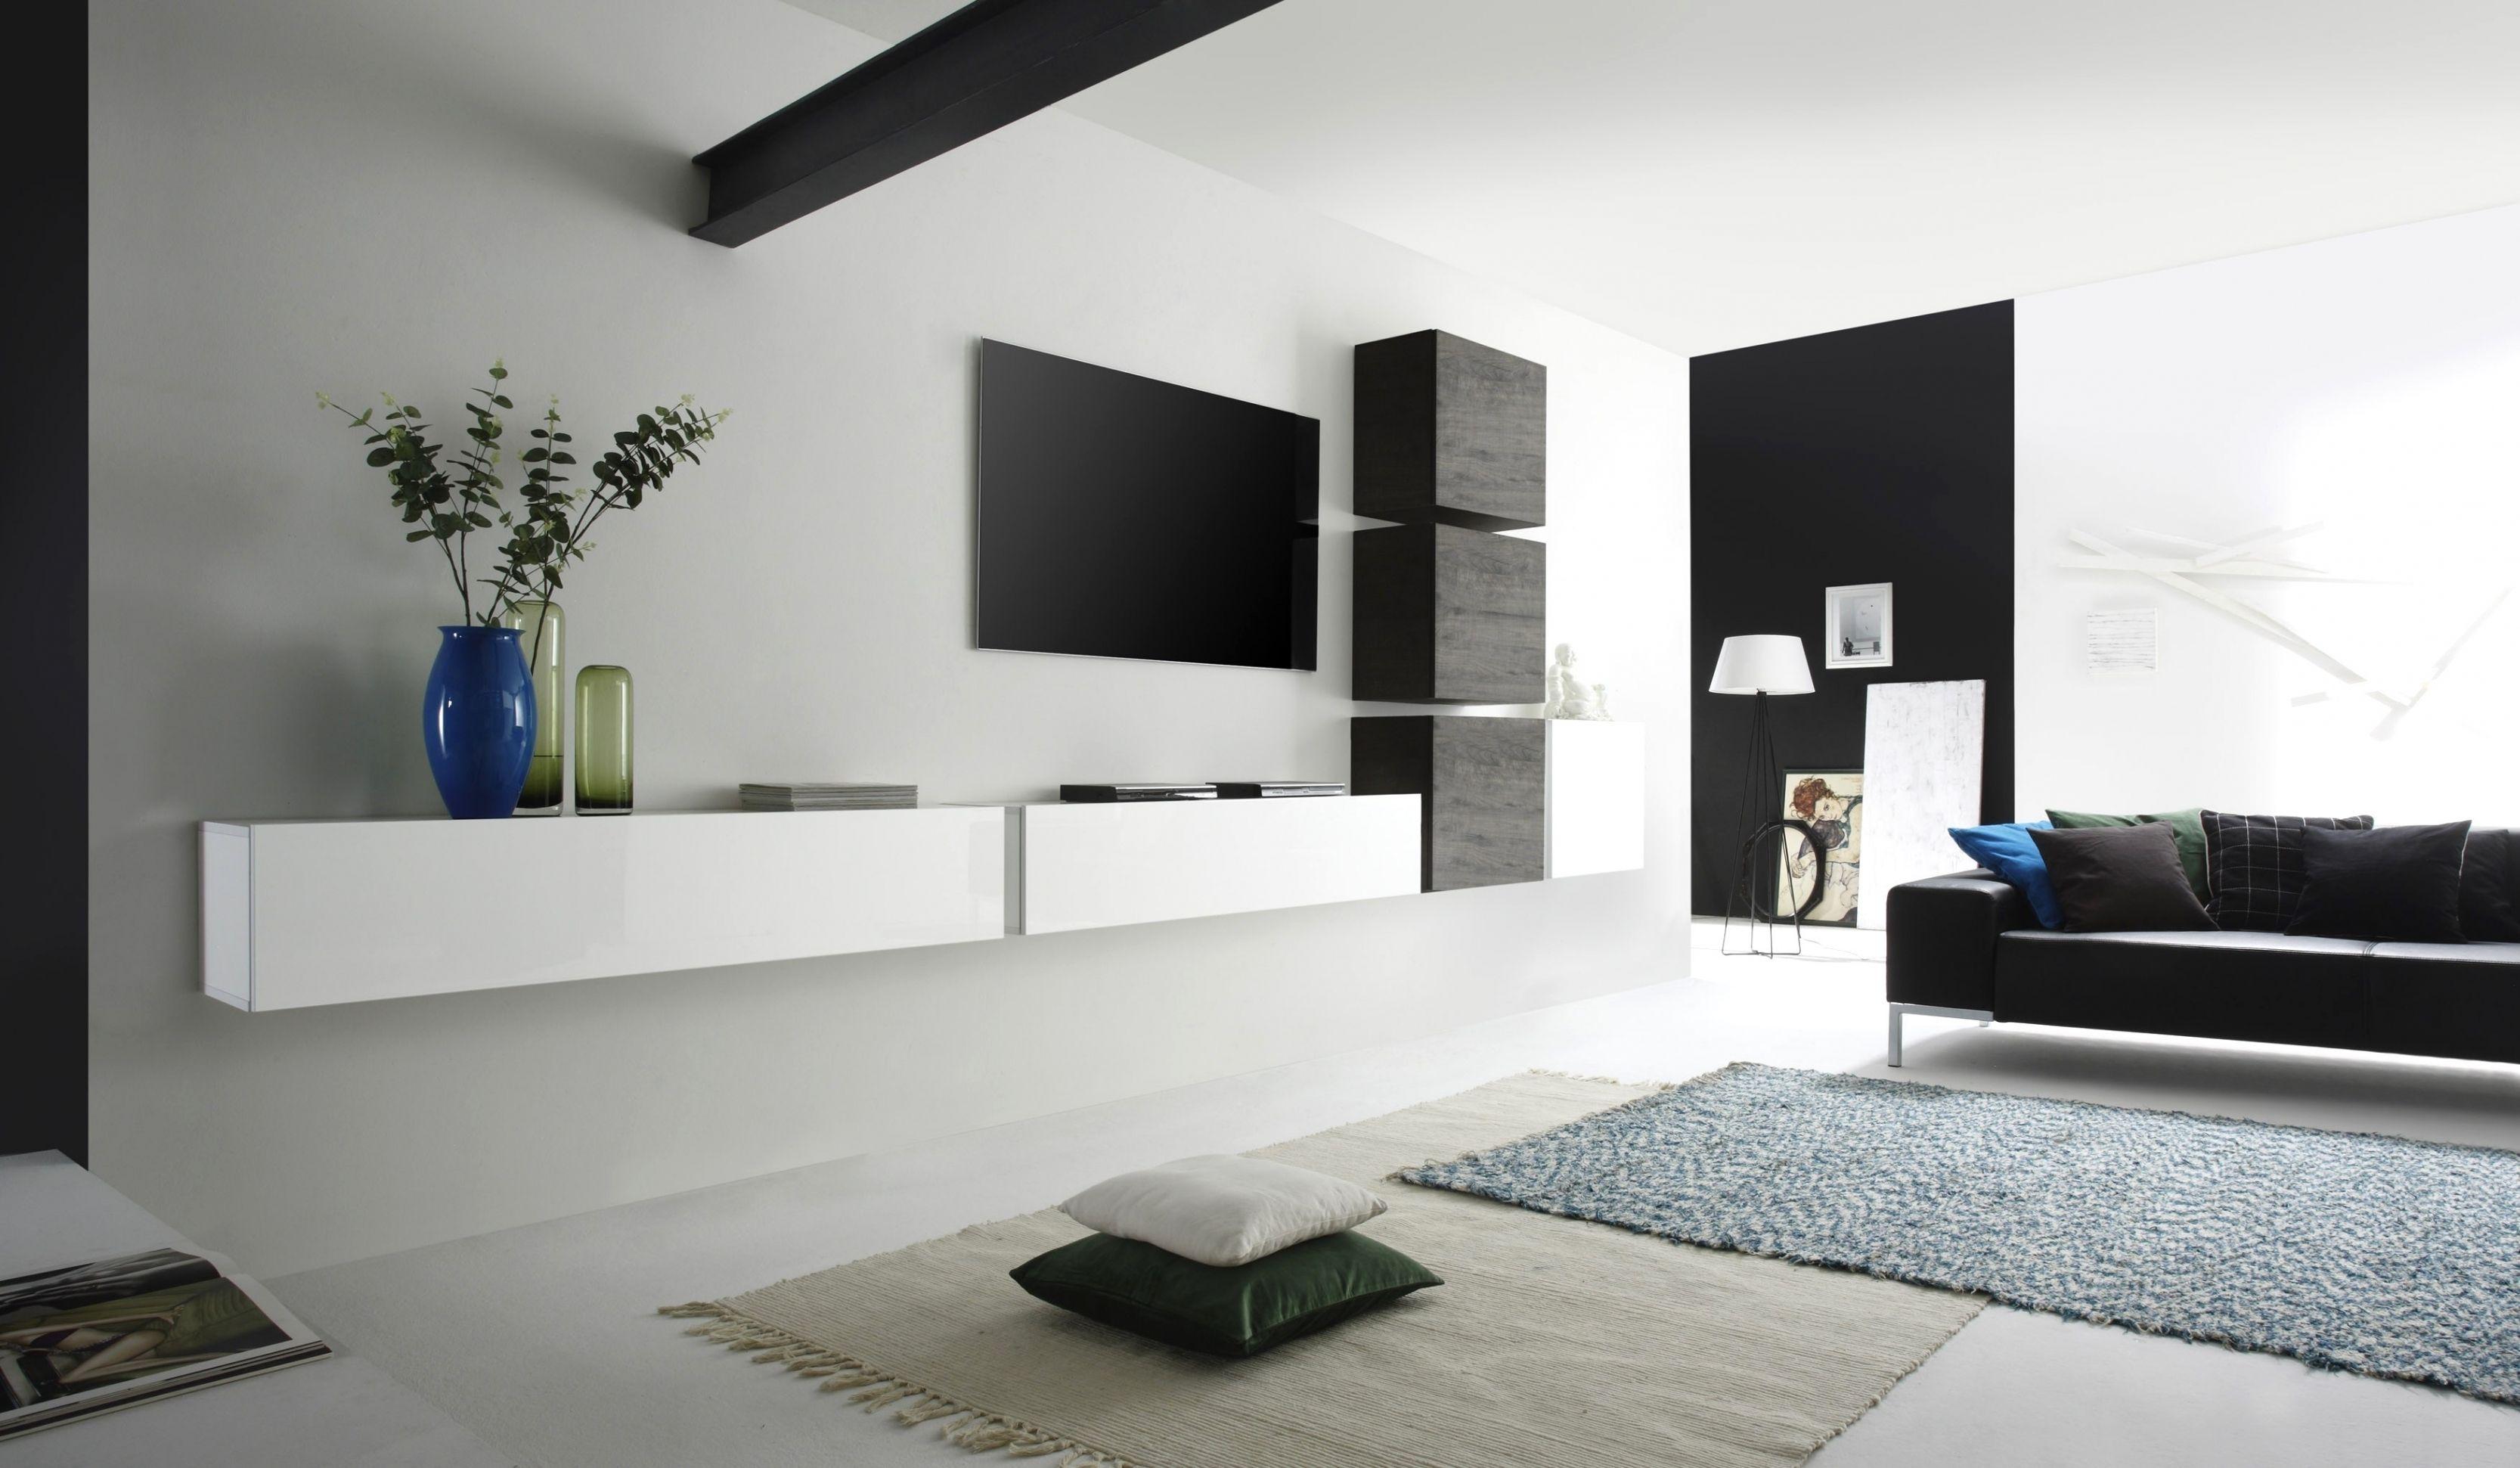 Wohnzimmermöbel modern weiß  Luxus Wohnzimmer Modern Weiß | Wohnzimmer ideen | Pinterest ...